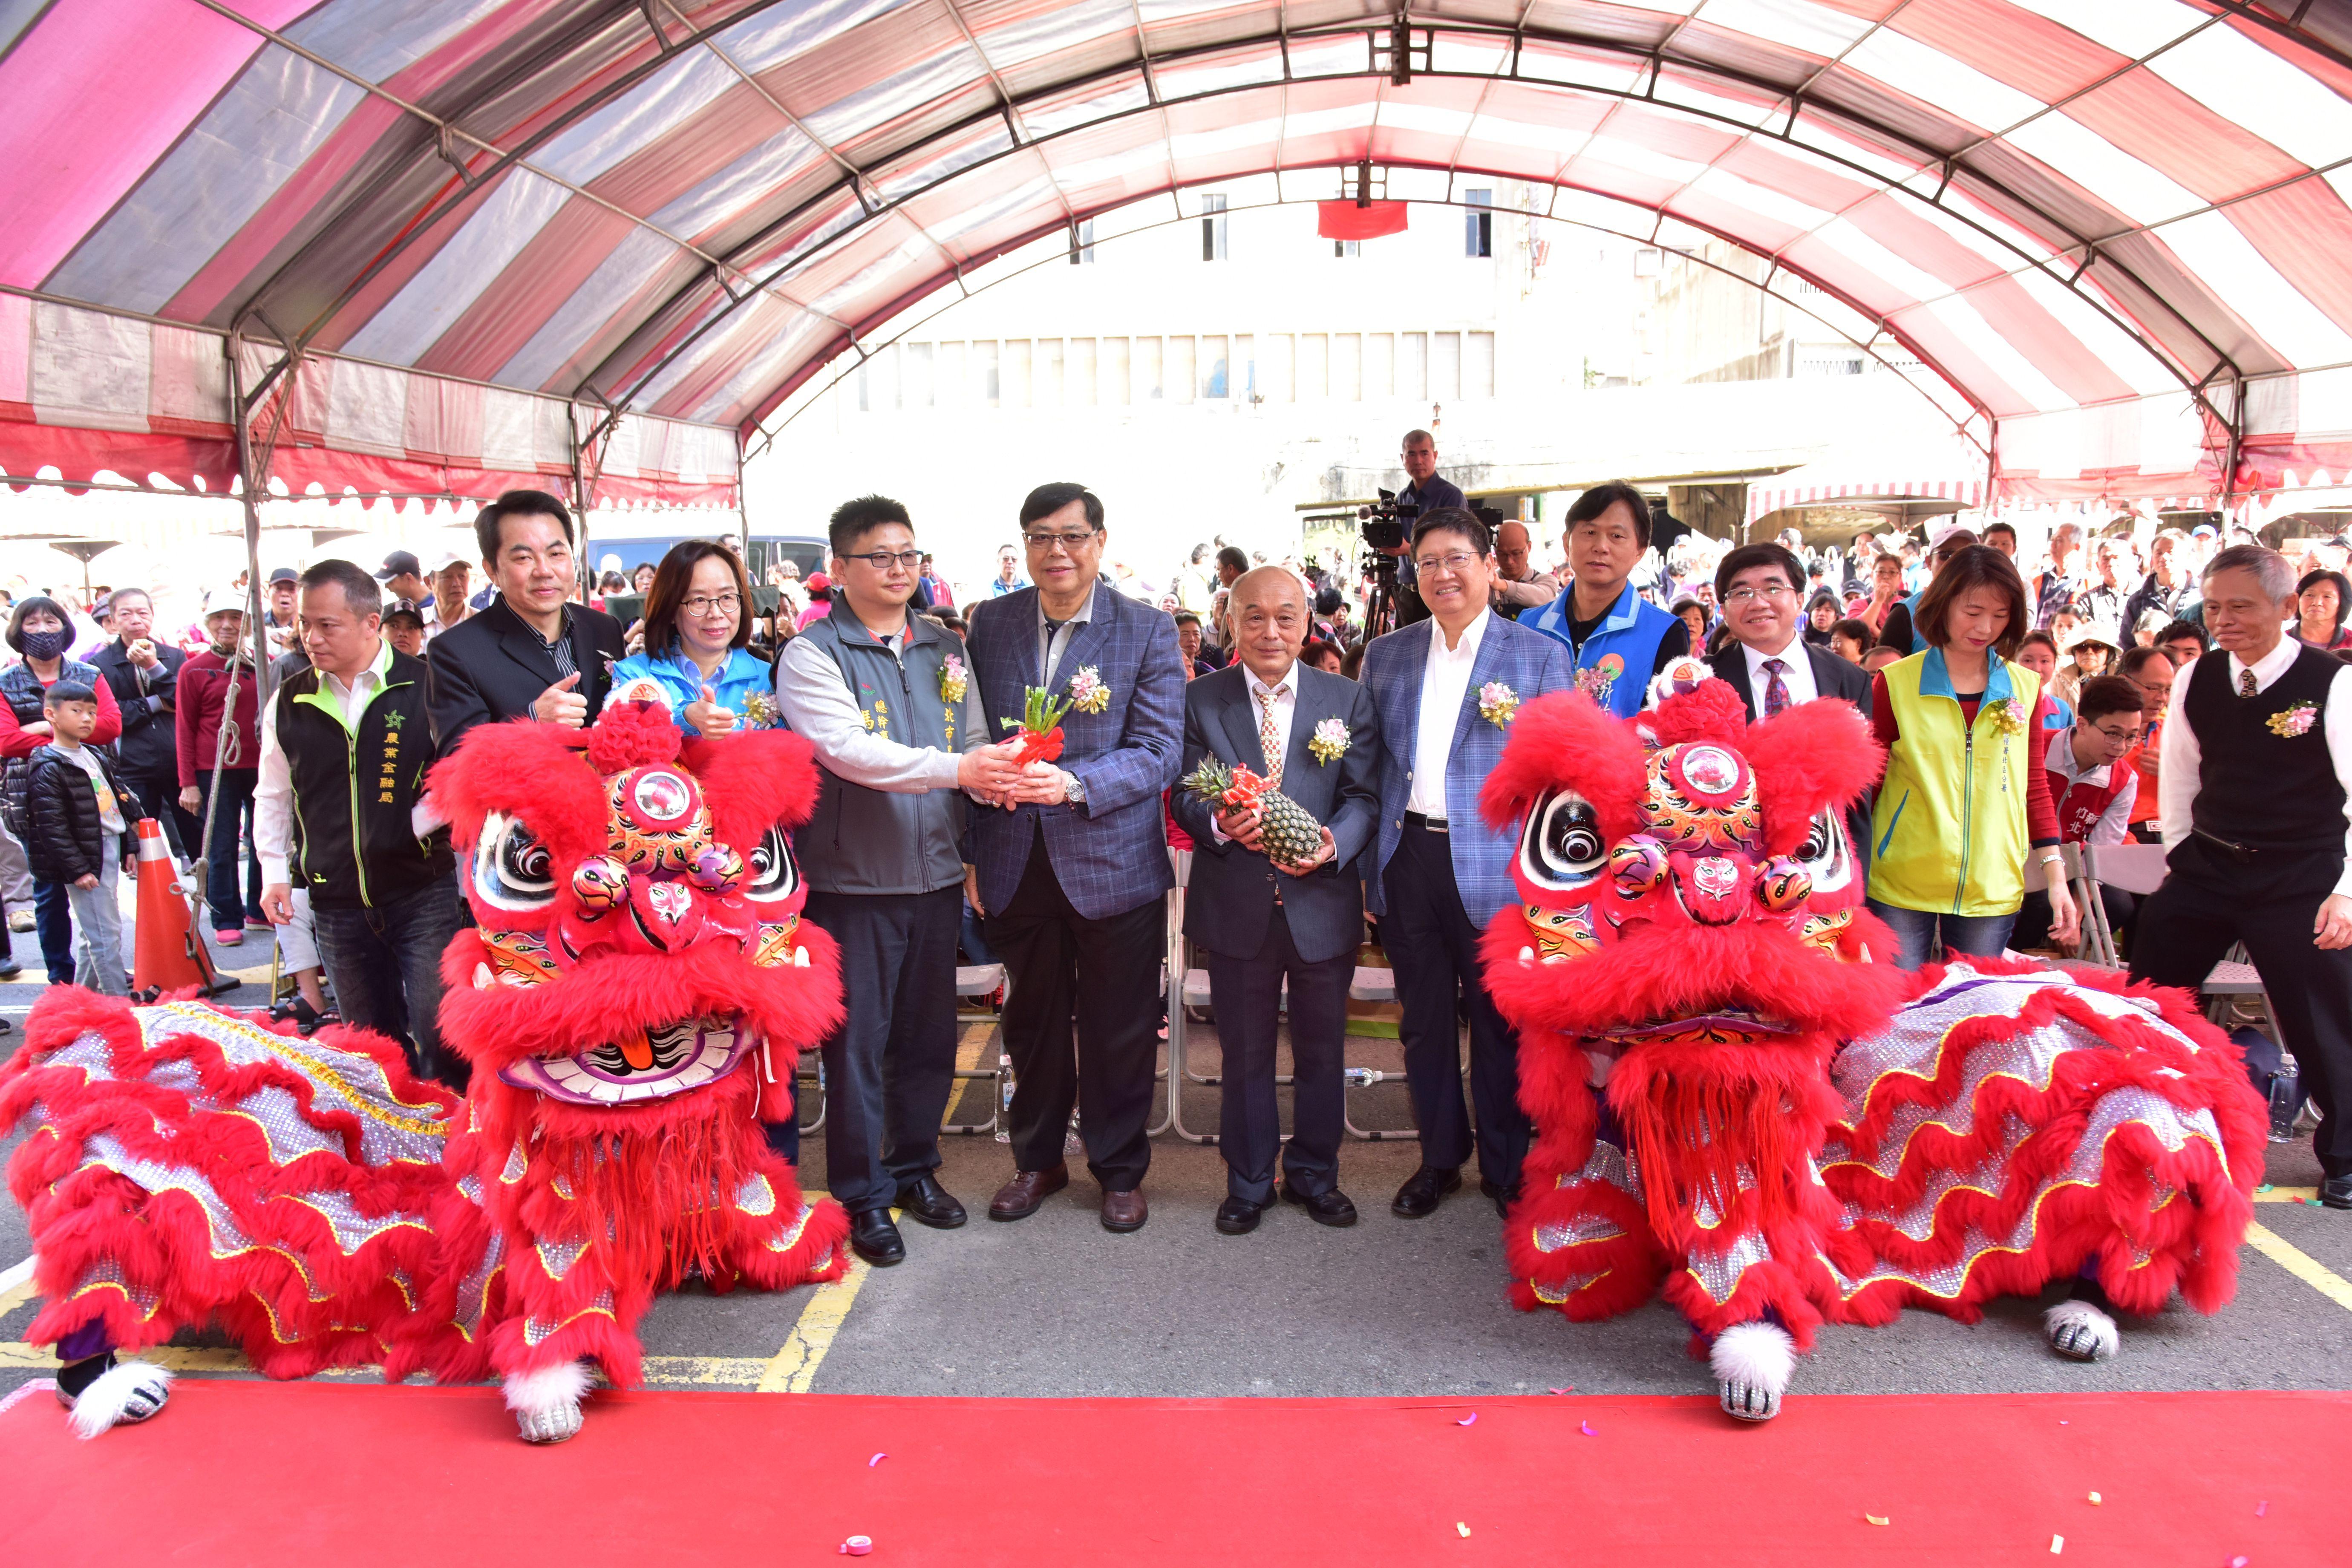 竹北農會直銷站行銷推廣活動